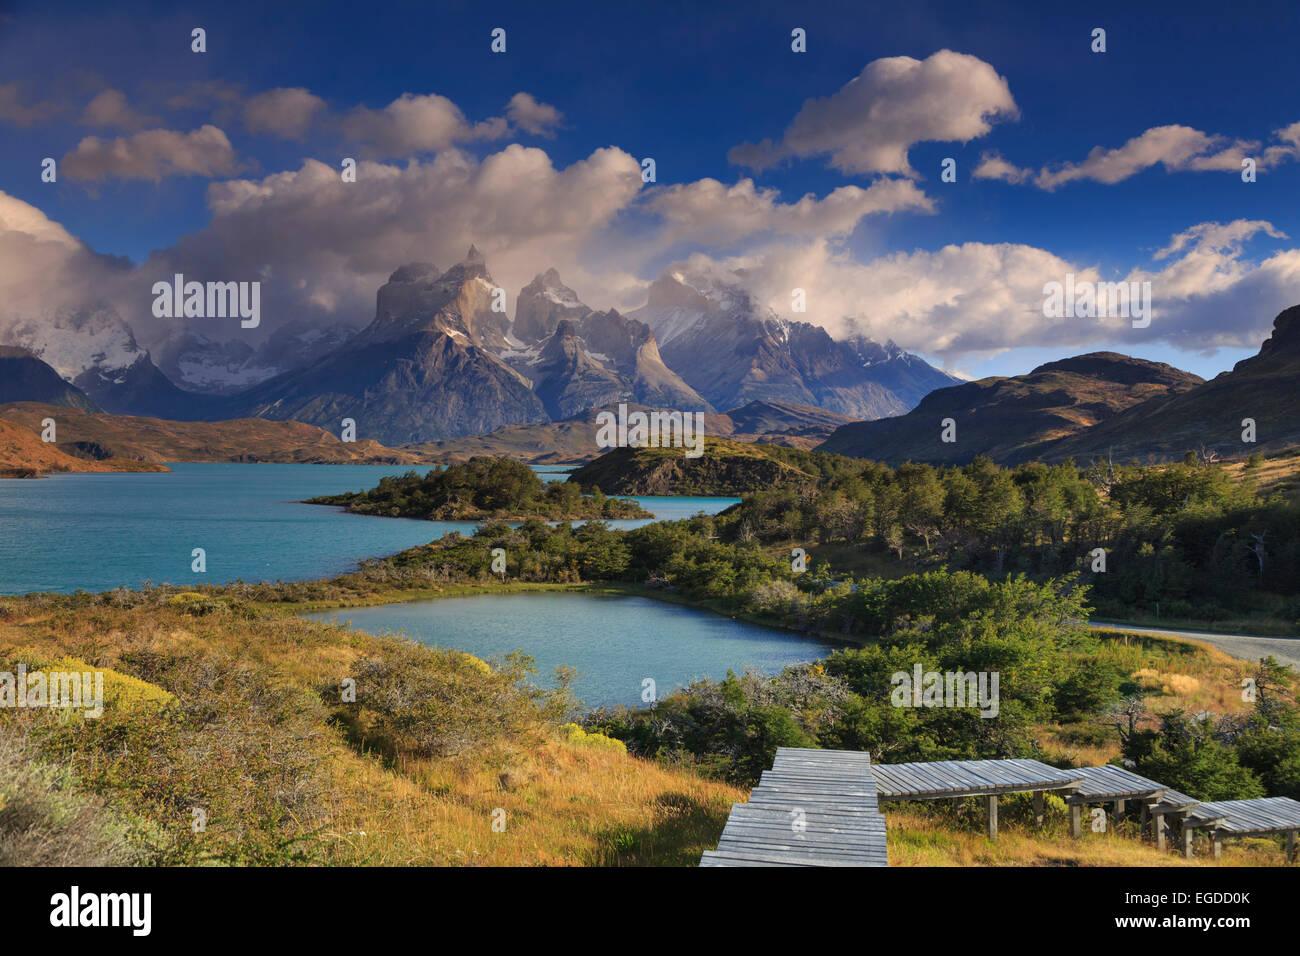 Chile, Patagonia, Parque Nacional Torres del Paine (UNESCO Sitio), los picos de los Cuernos del Paine y el Lago Imagen De Stock